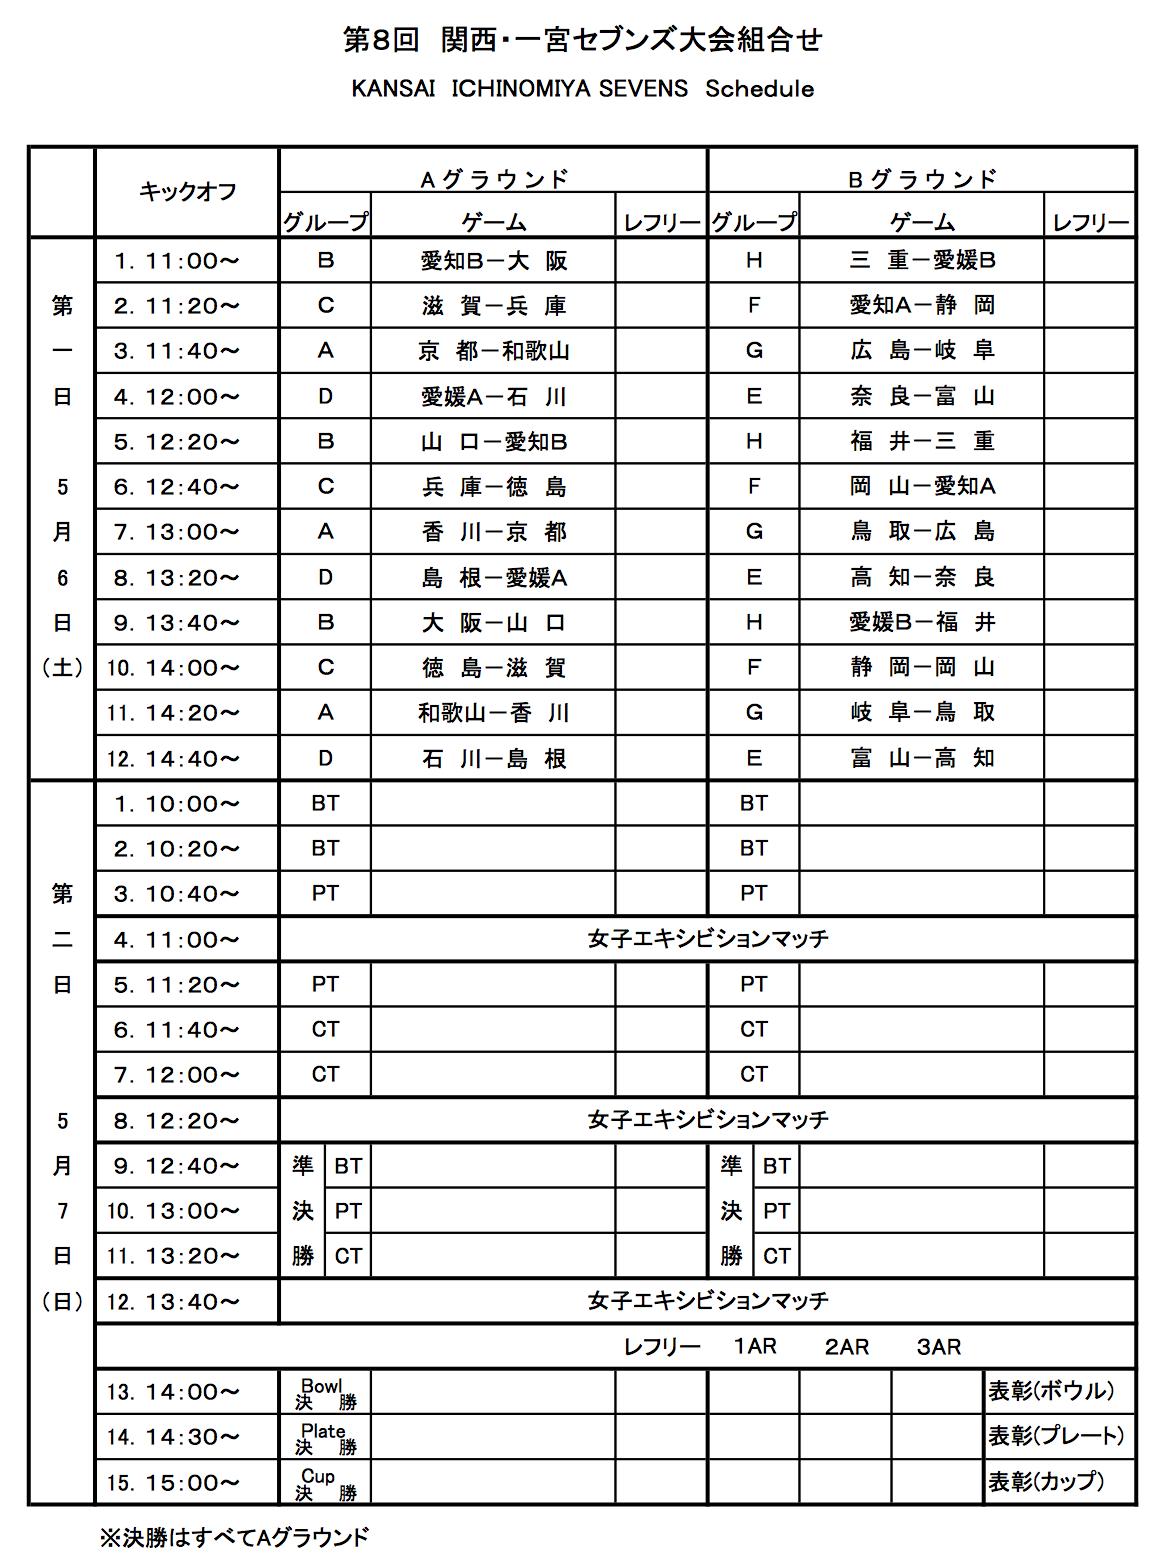 KI7s_schedule